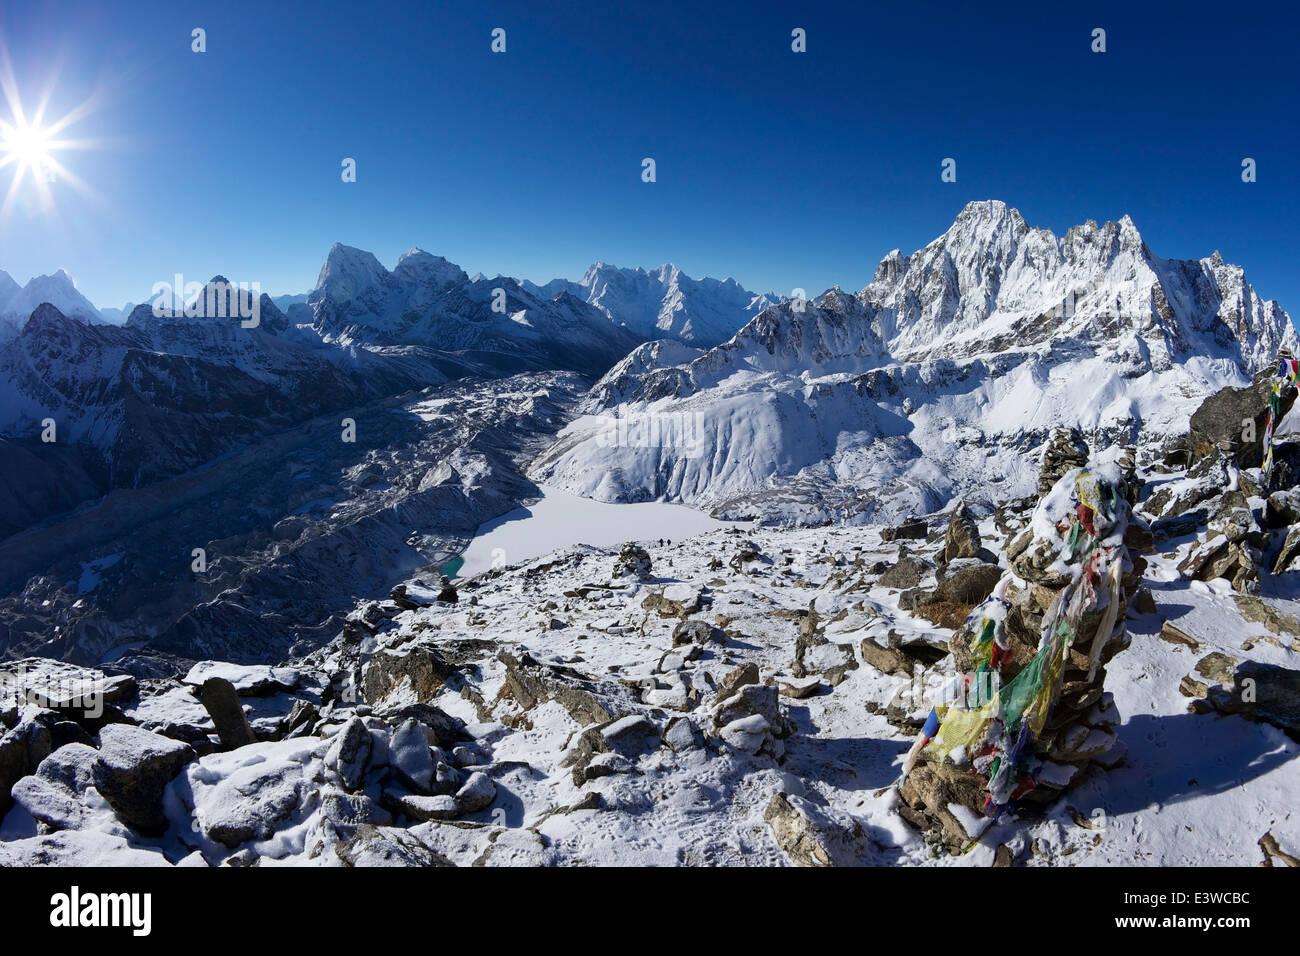 Sunrise over Mount Everest from Gokyo Ri, with Ngozumba Glacier and frozen Dudh Pokhari, Solukhumbu District, Nepal - Stock Image